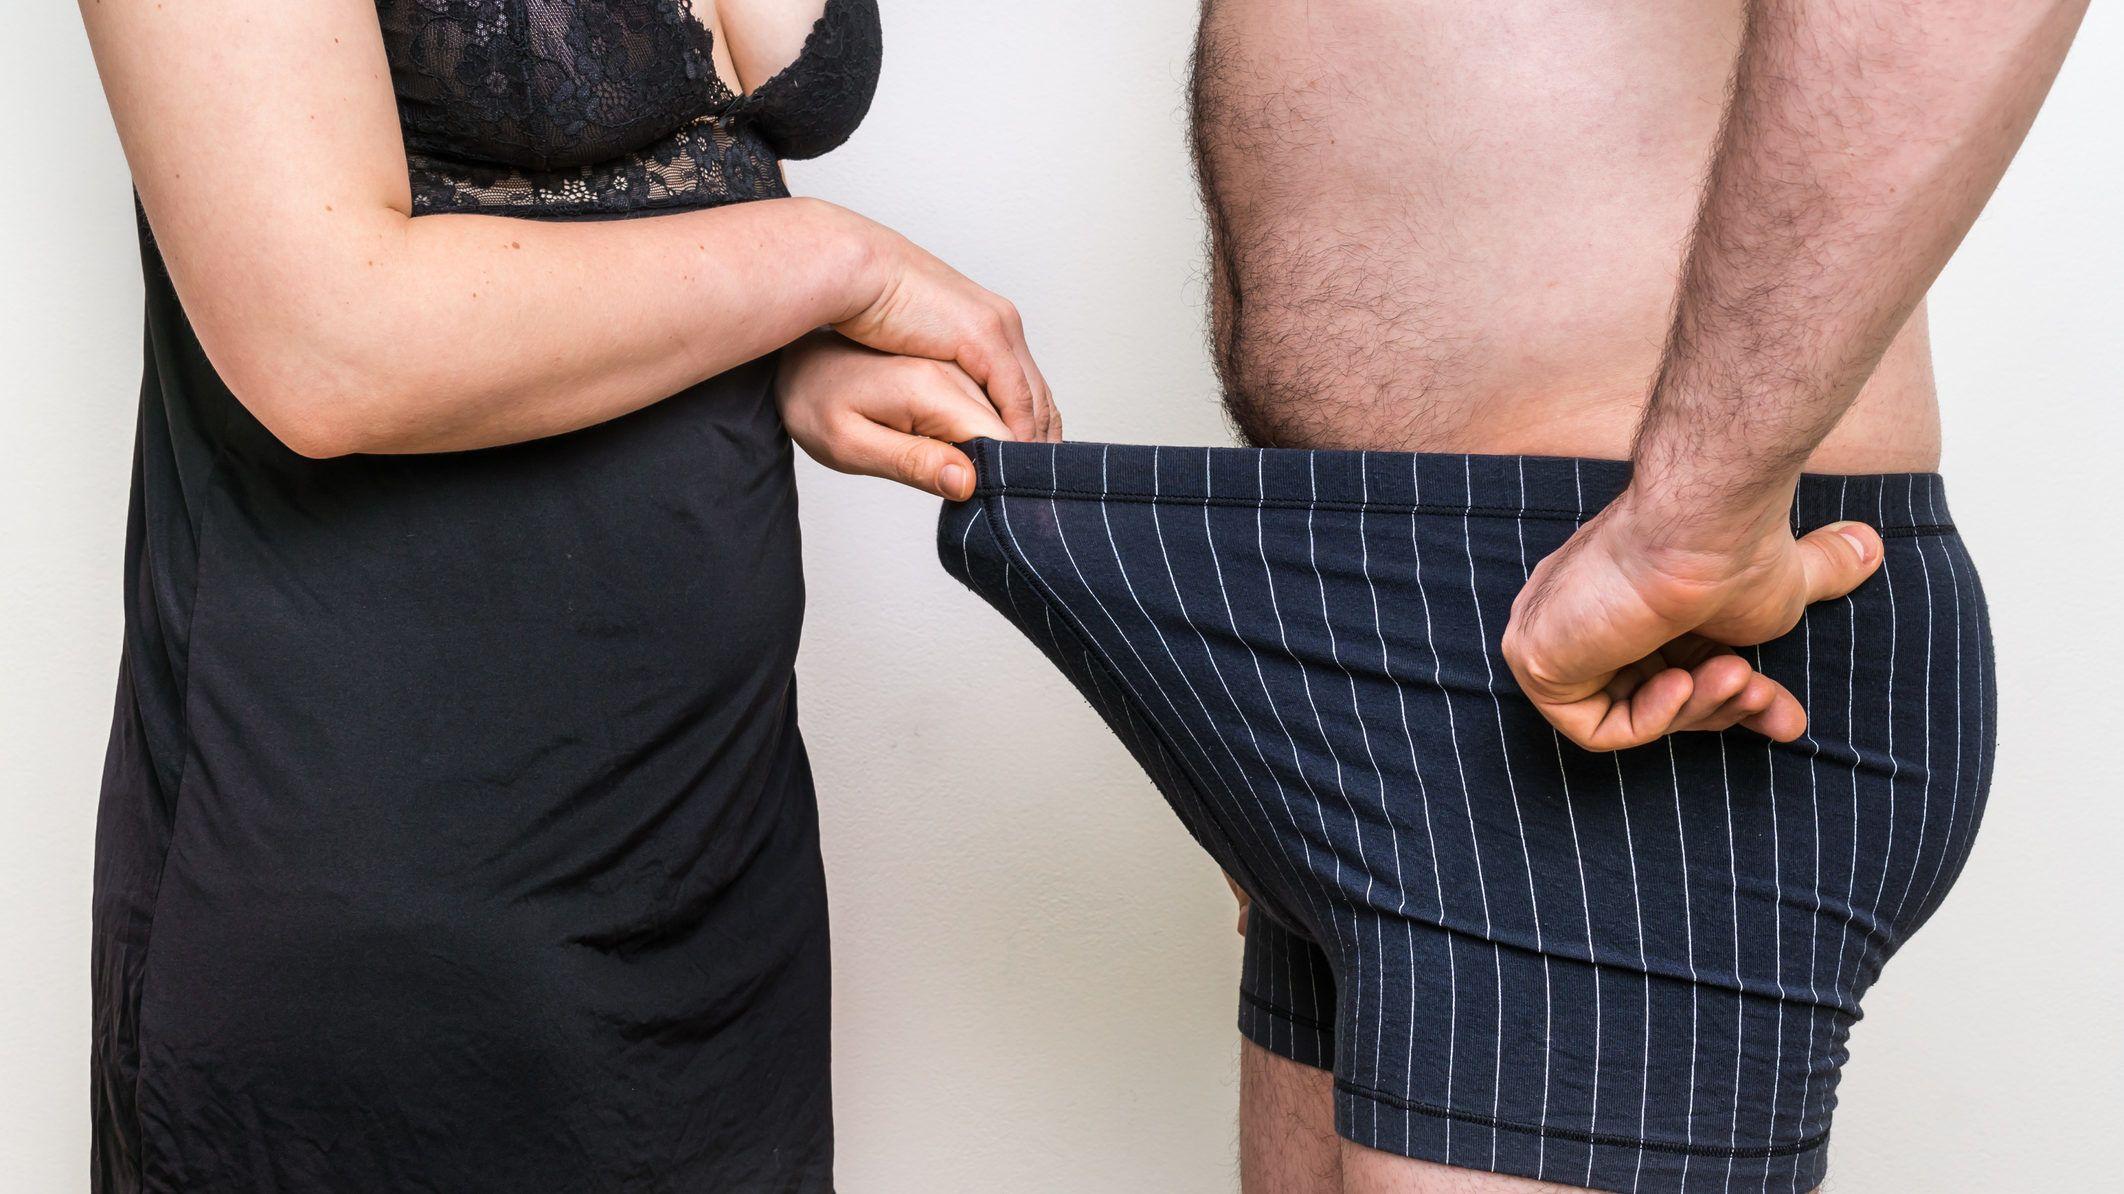 hányszor növekszik a pénisz az erekciótól